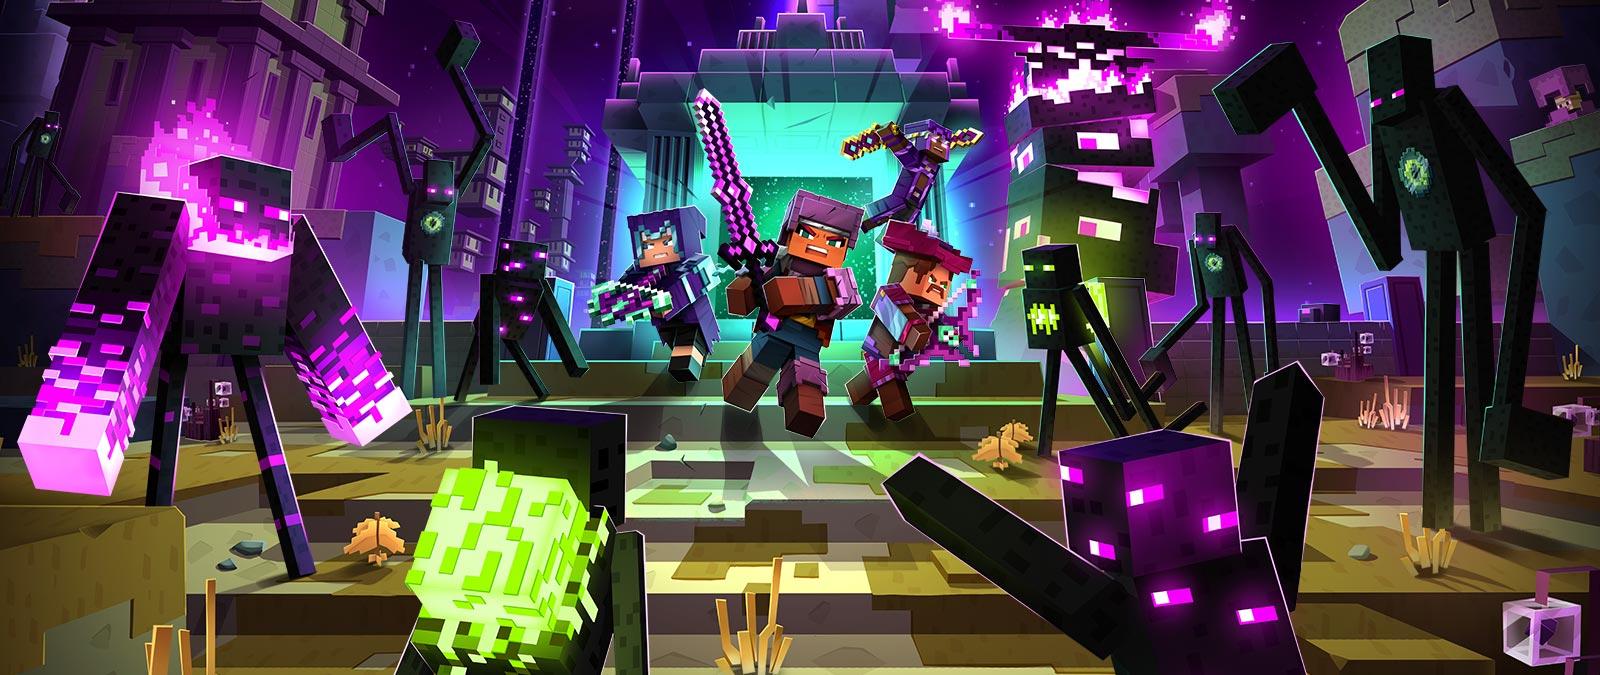 Cztery postacie ze zbrojami i broniami walczące z wieloma wrogami